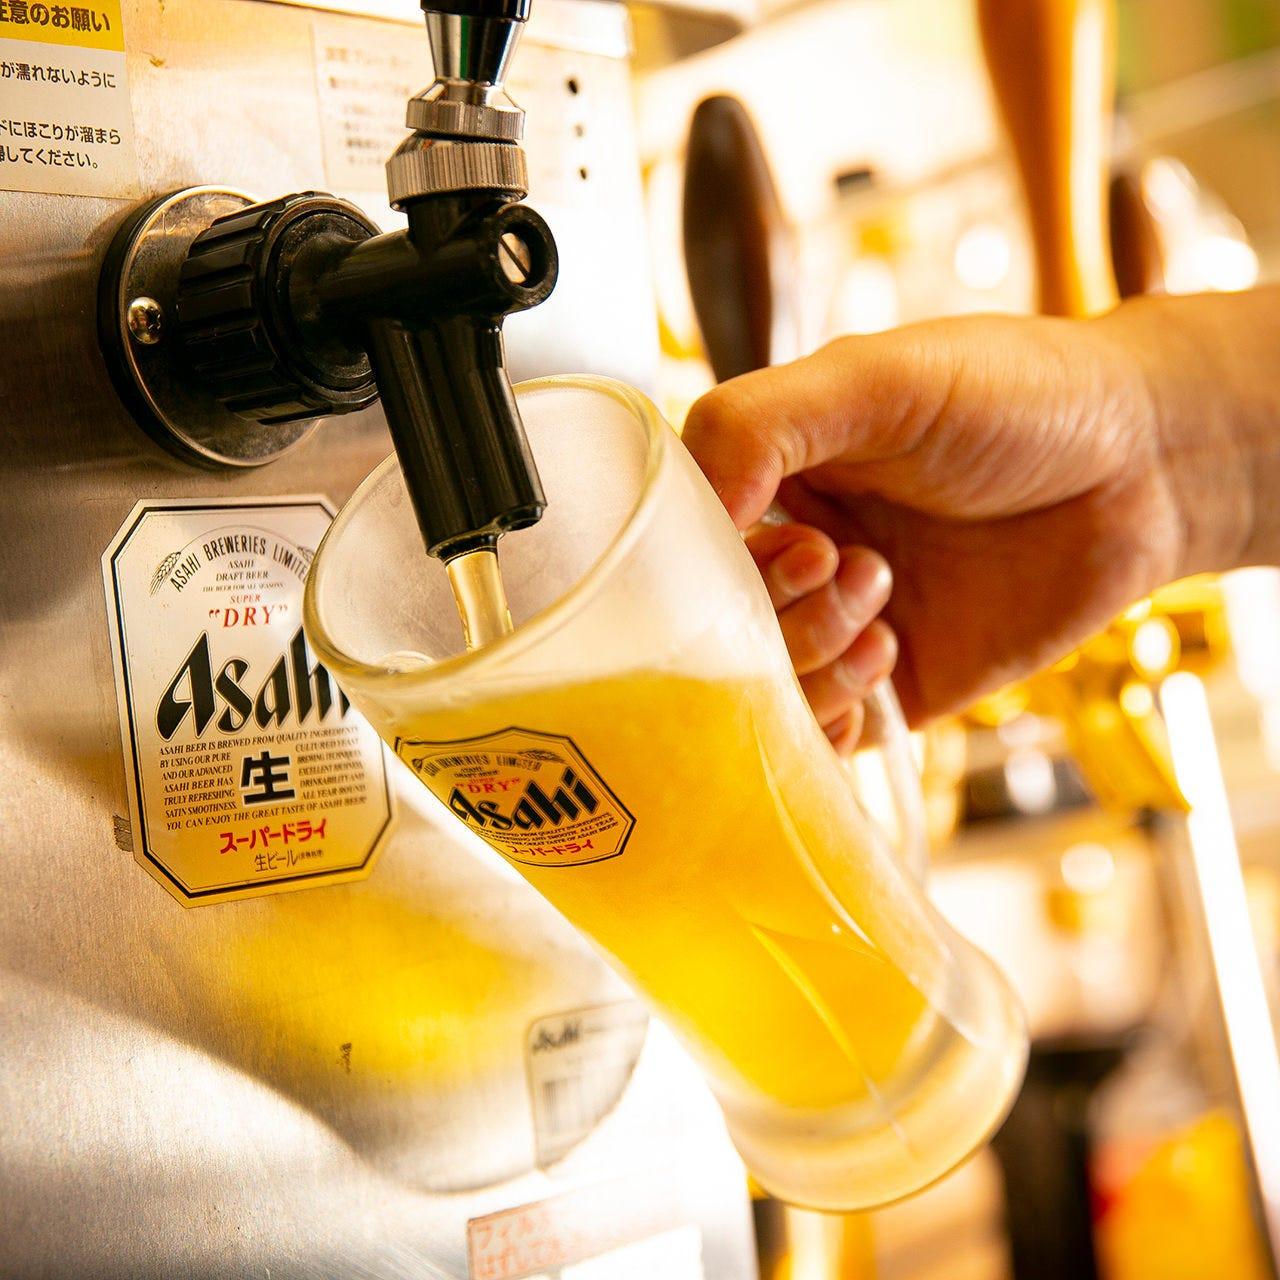 爽快なビールやハイボールで乾杯!